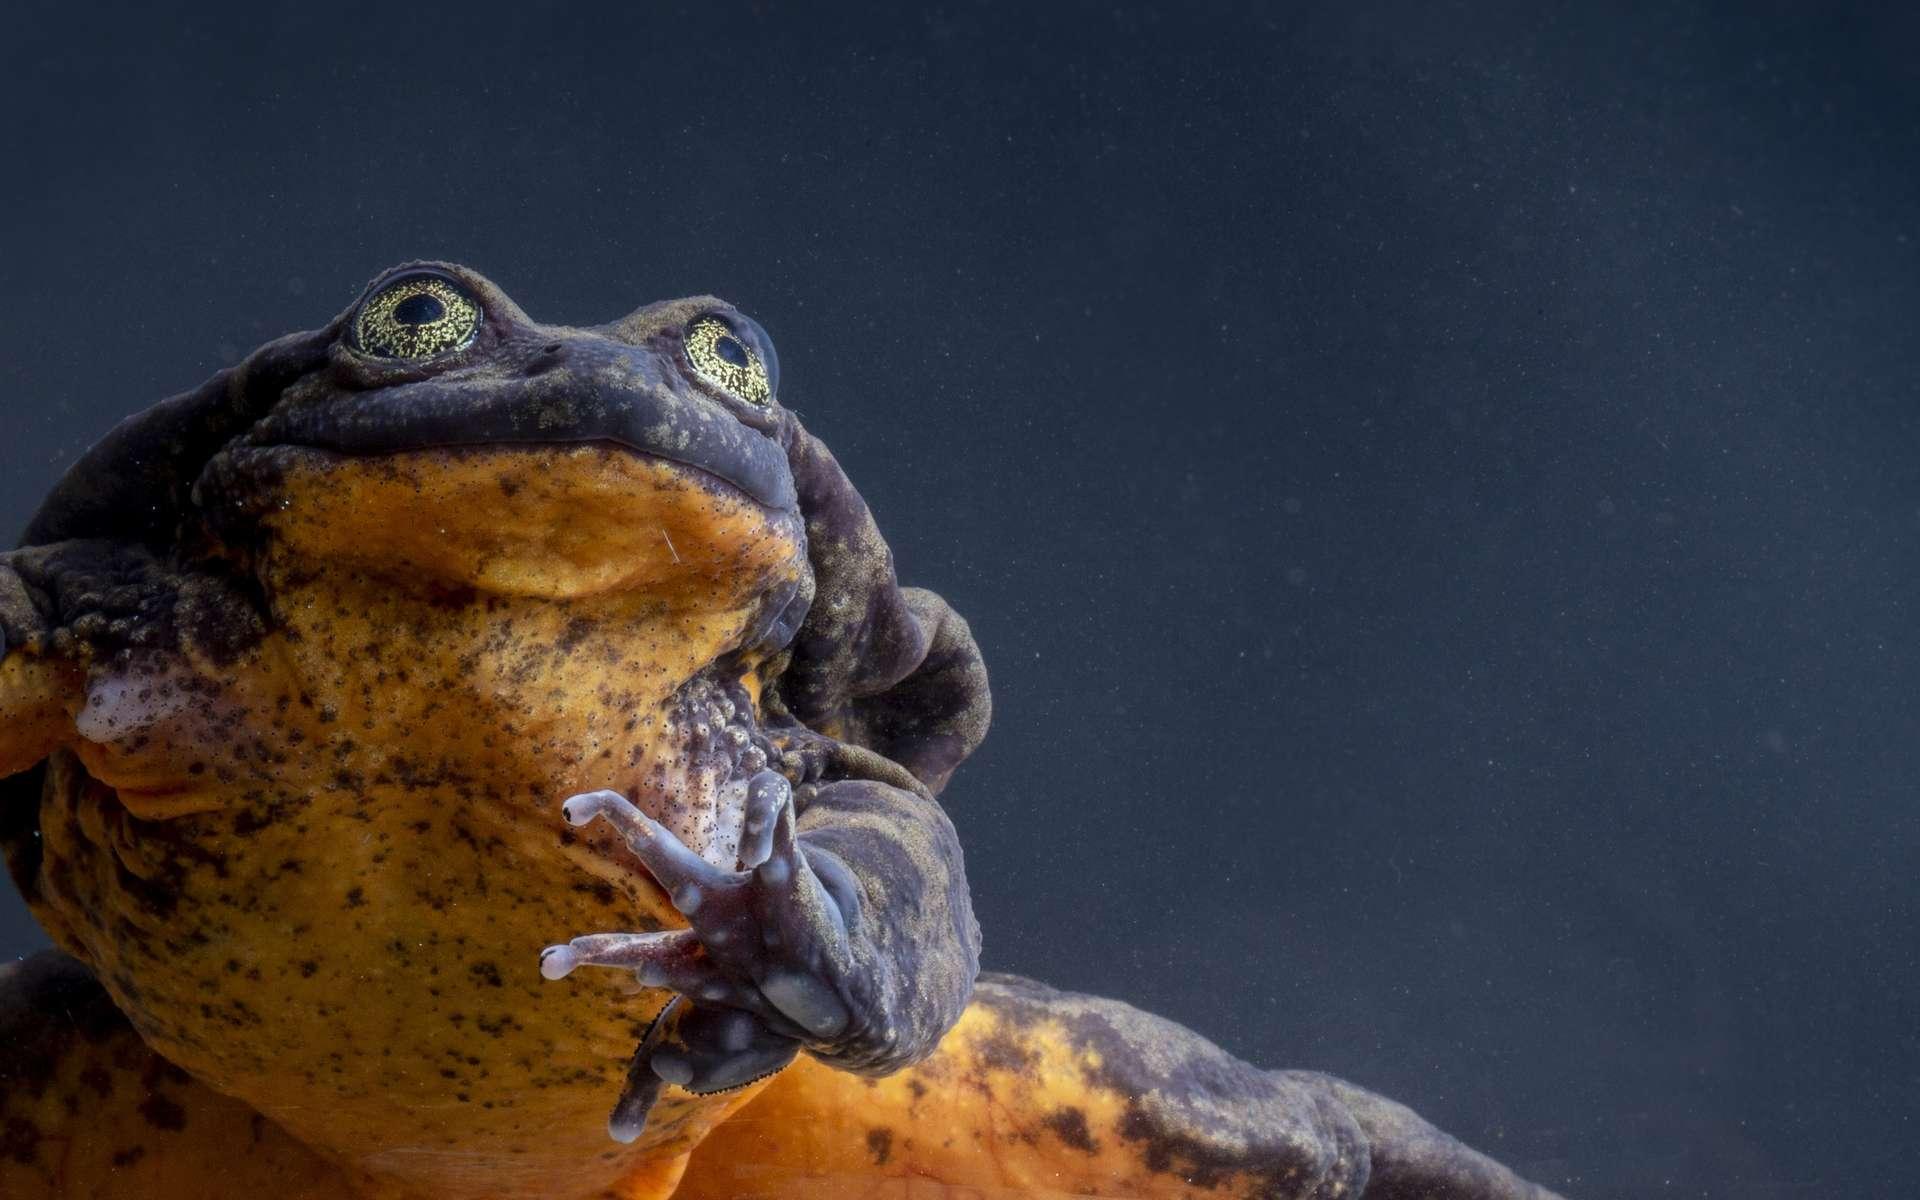 Ô le beau Roméo ! Cela fait 10 ans que cette grenouille aquatique de Sehuencas mâle est célibataire. Il est un des derniers membre de cette espèce qui peuplait autrefois les cours d'eau de Pojo et Comarapa, en Bolivie. © Robin Moore, Global Wildlife Conservation